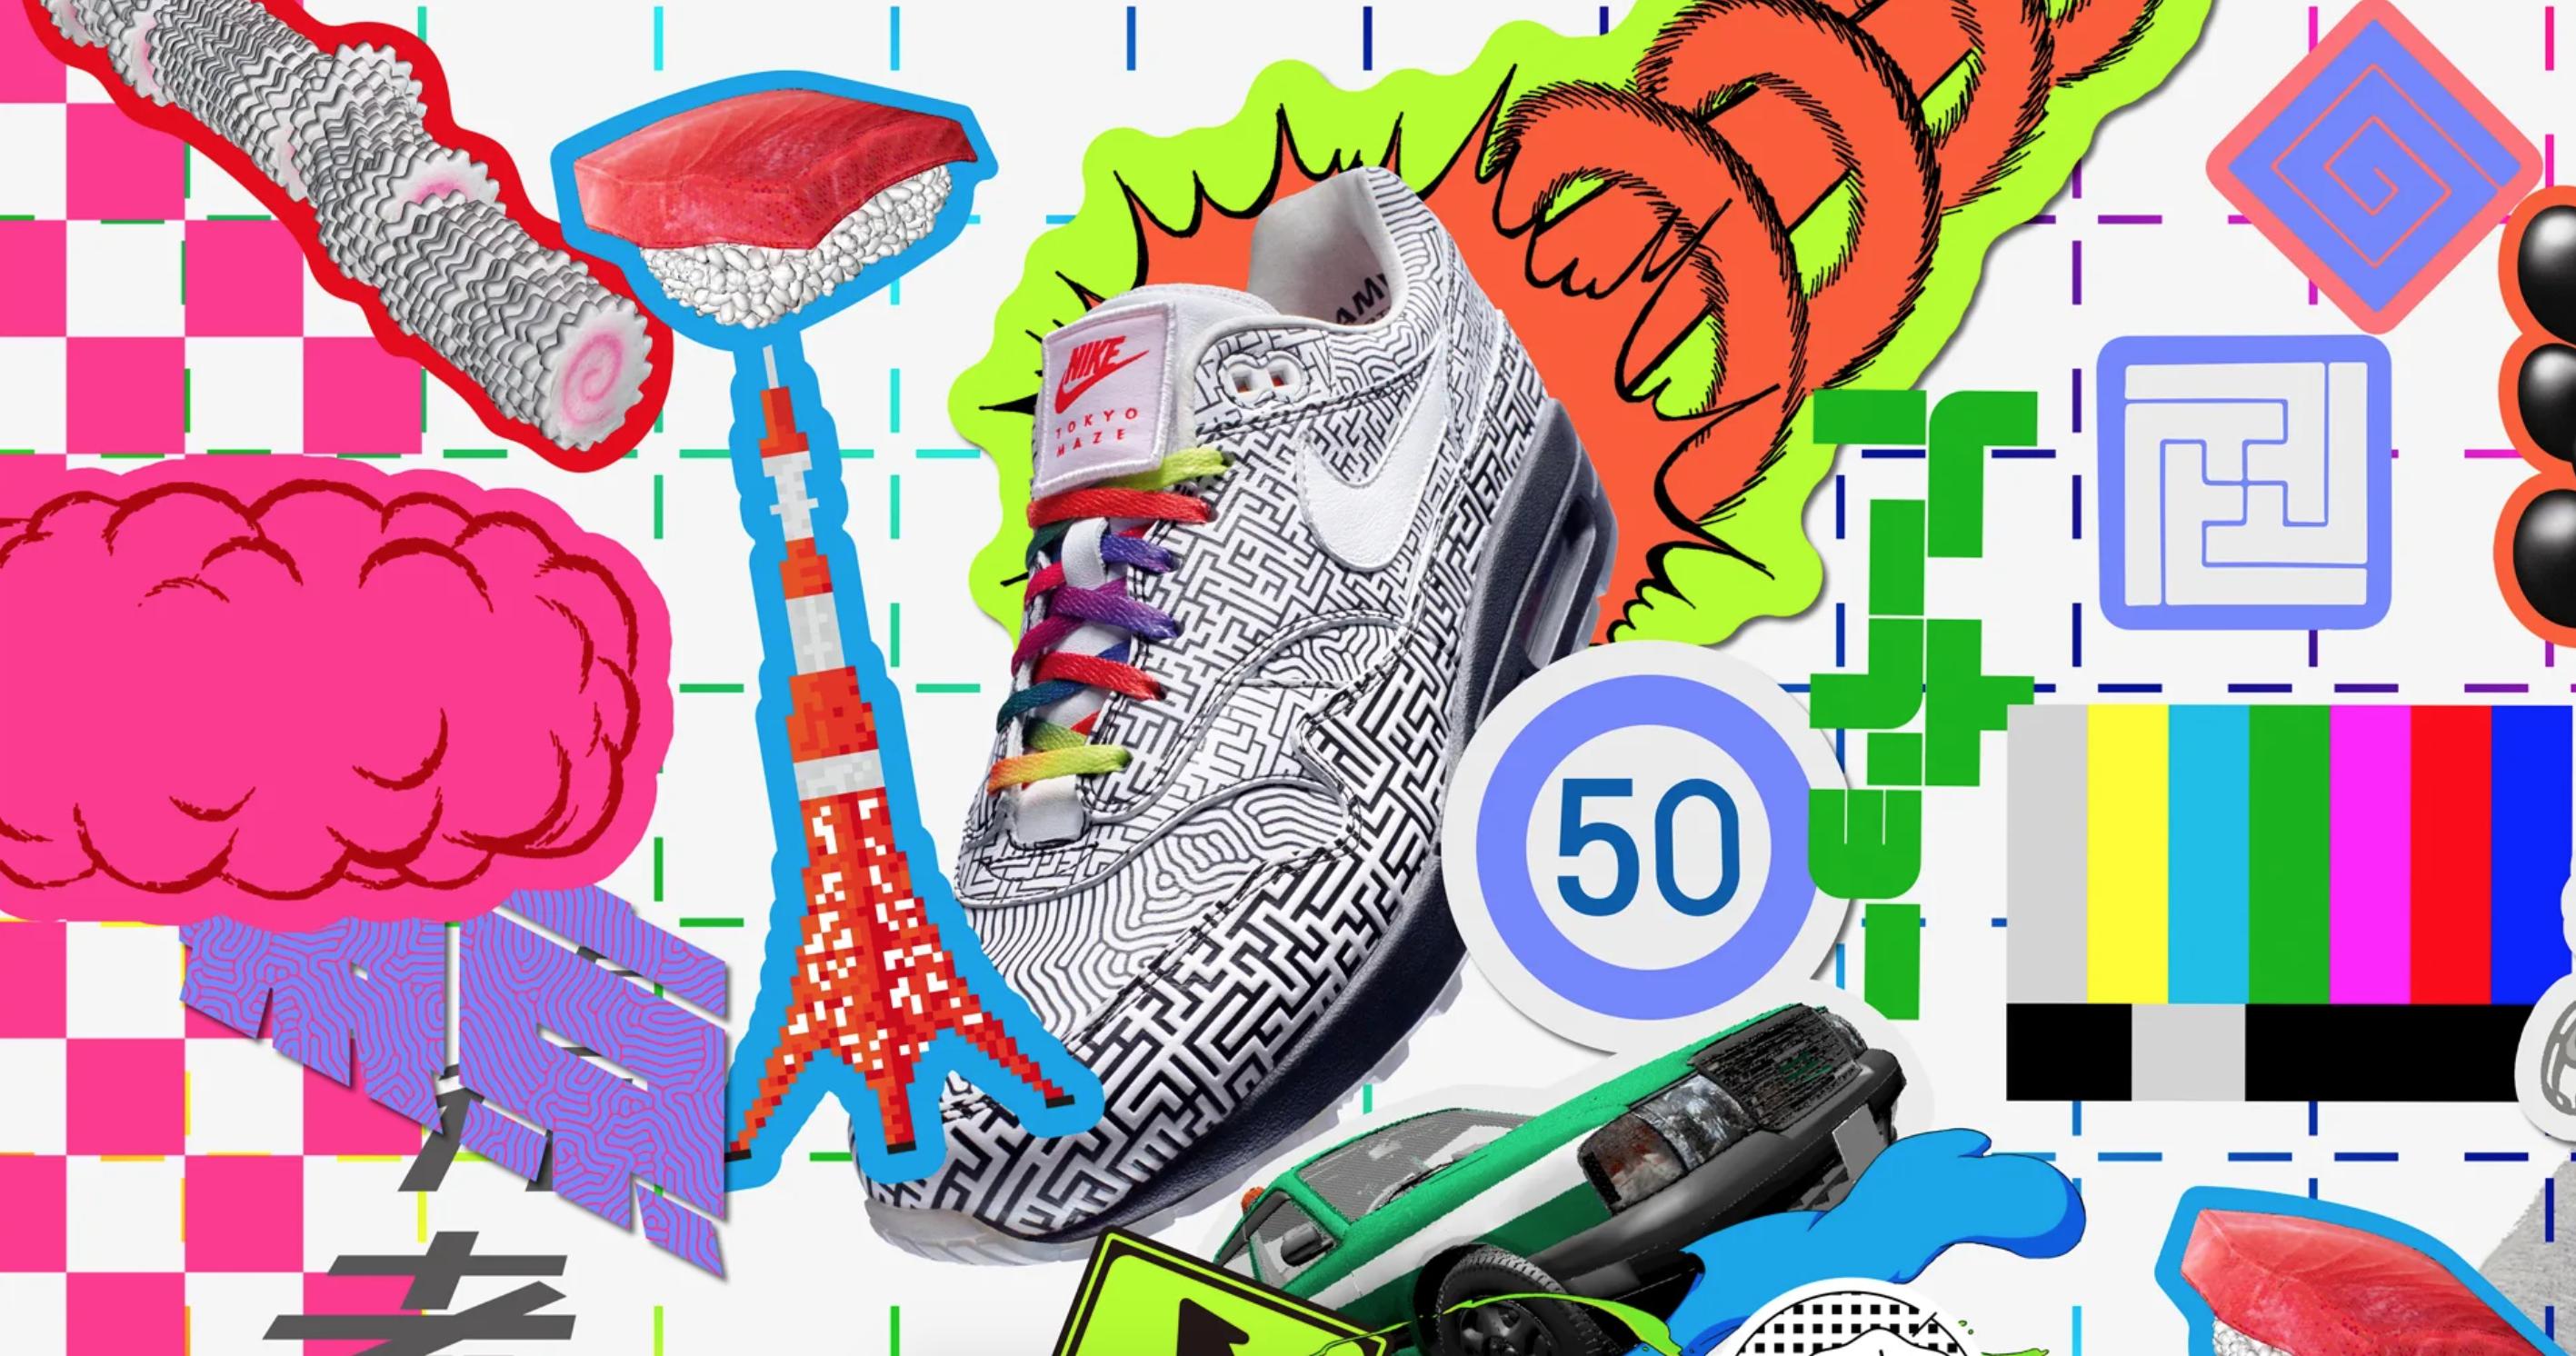 bd4820a04d11 Nike Nike Air Max 1 On Air Tokyo Maze Yuta Takuman Size 9 New Ci1505-001  (in Hand)